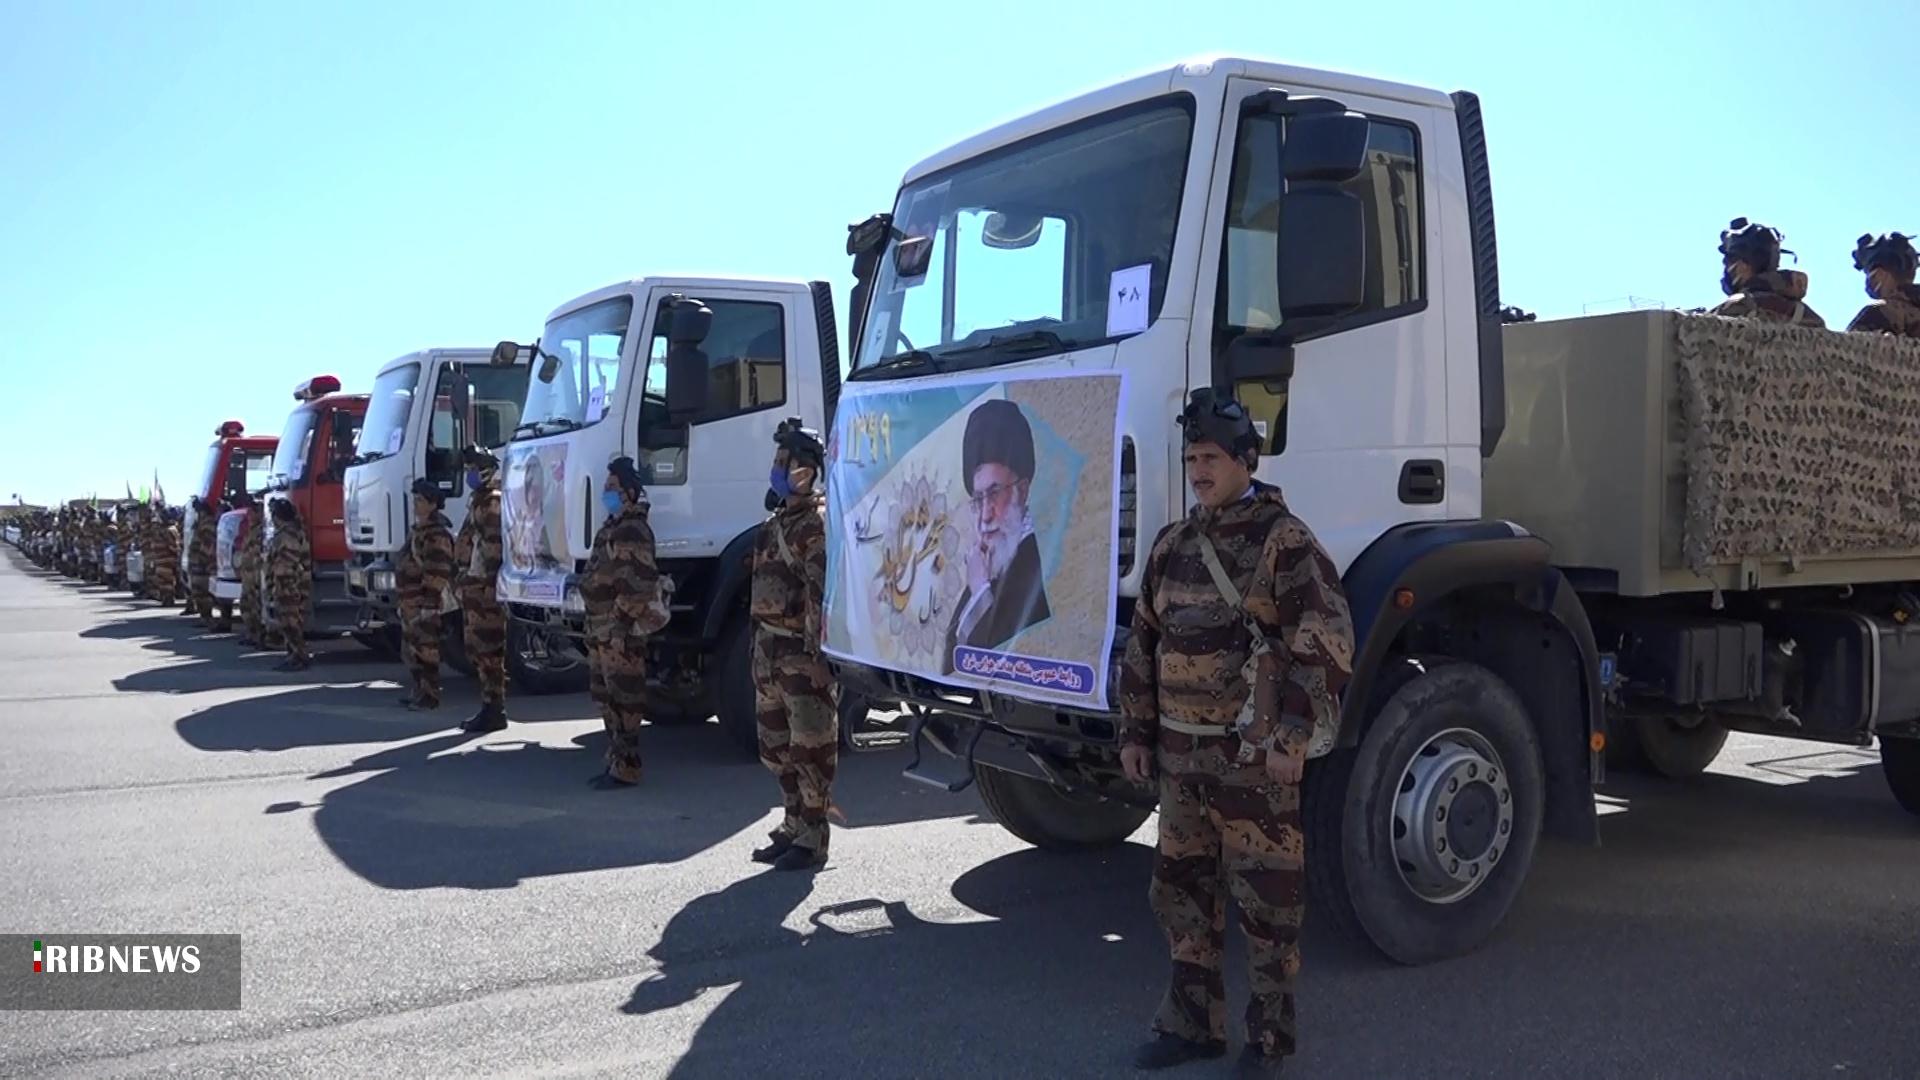 رژه نیروهای مسلح با عنوان رژه خدمت در خراسان جنوبی